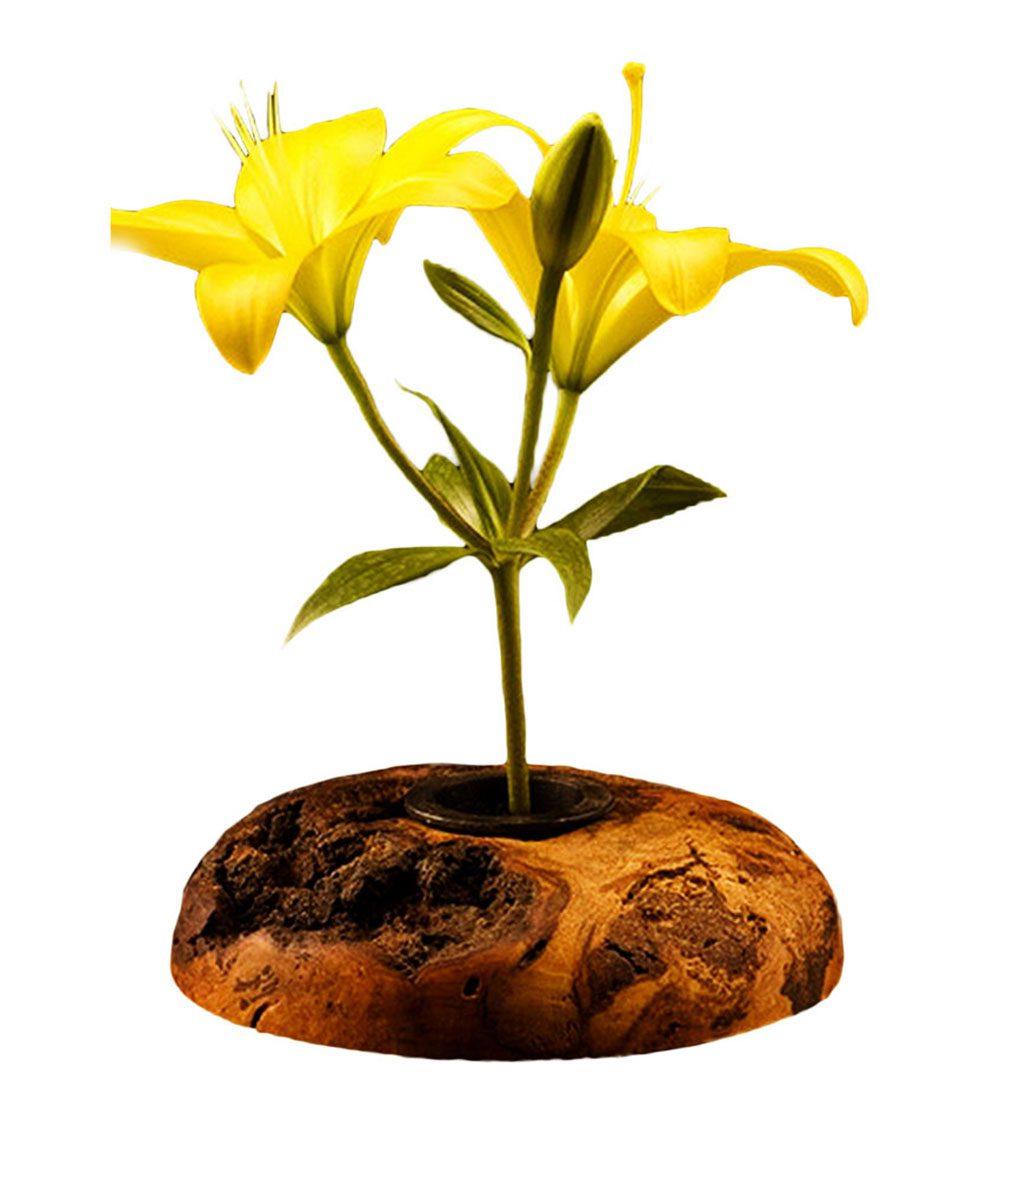 Wood Burl Ikebana Flower Vase  Rustic Artistry